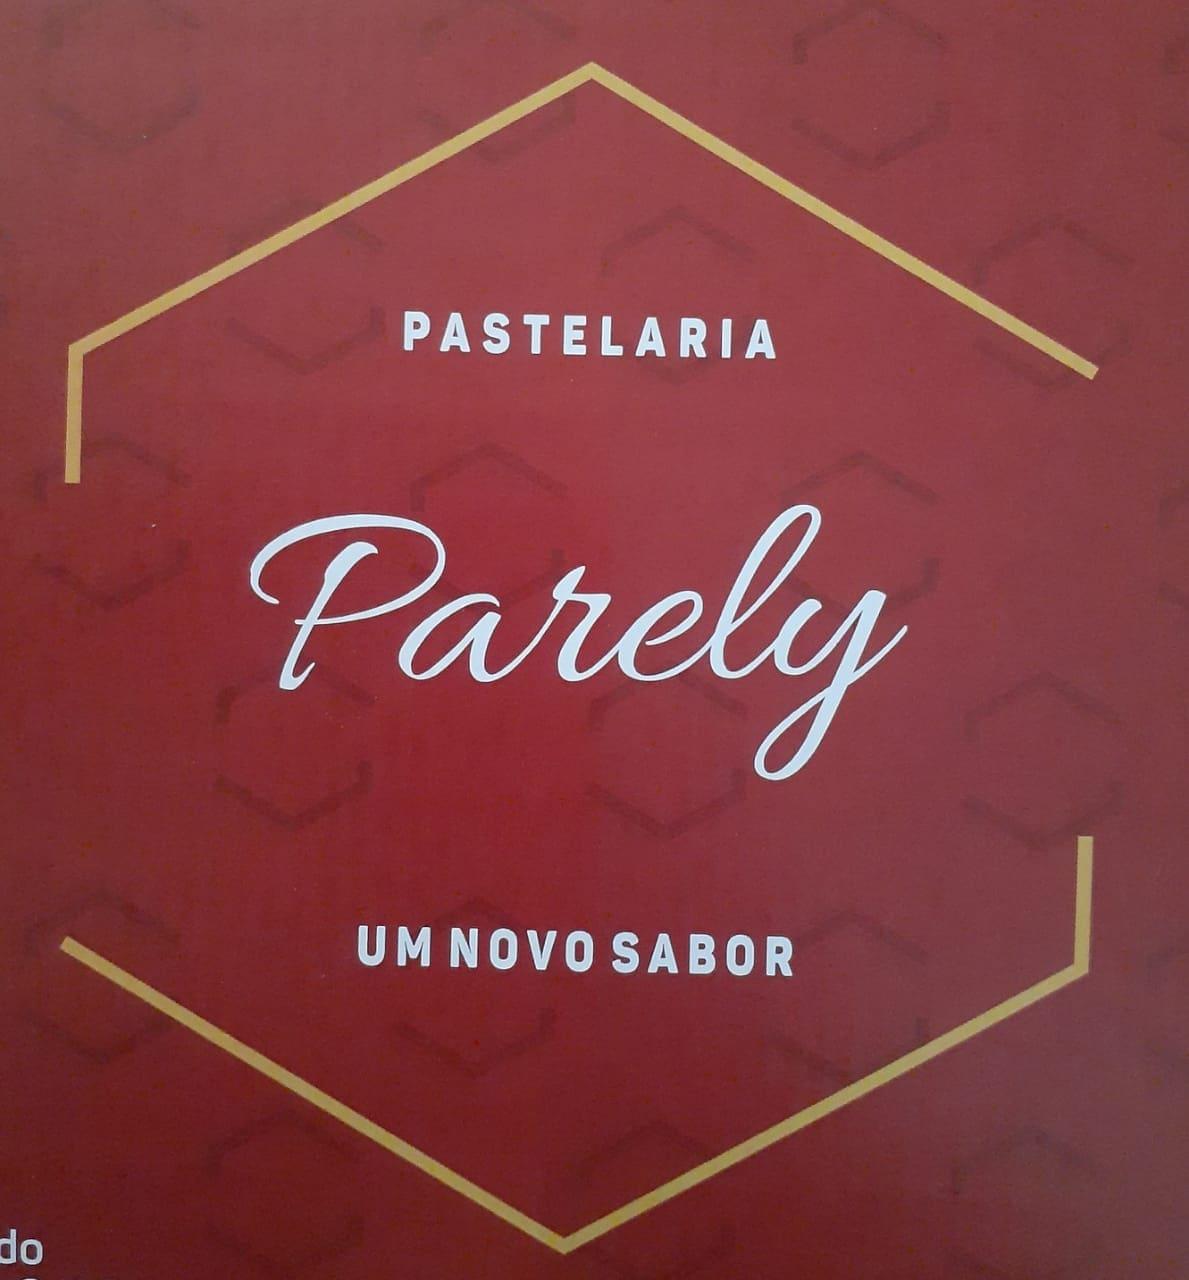 Pastelaria Parely